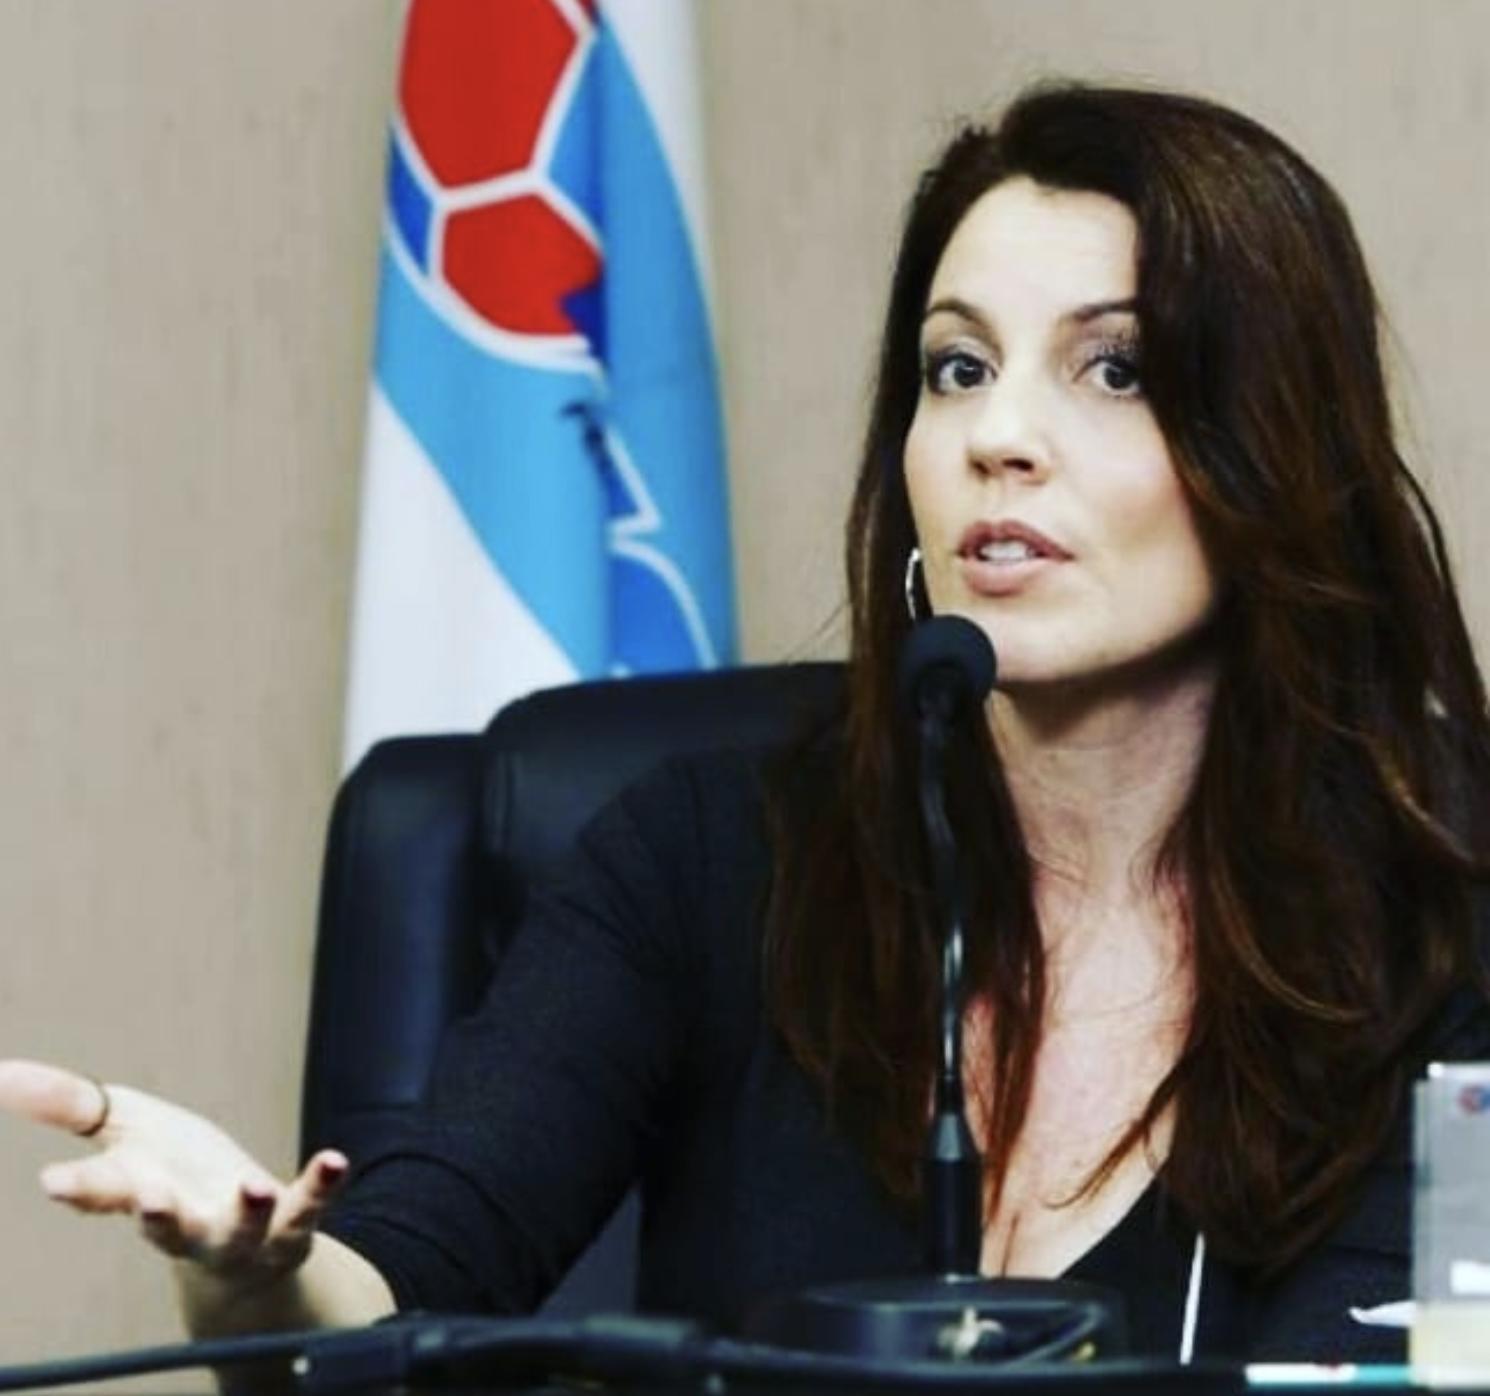 """""""O governo reforçou a ideia de que a Educação Sexual pode erotizar crianças e adolescente"""", destaca Caroline Arcari   Foto: Reprodução Instagram"""